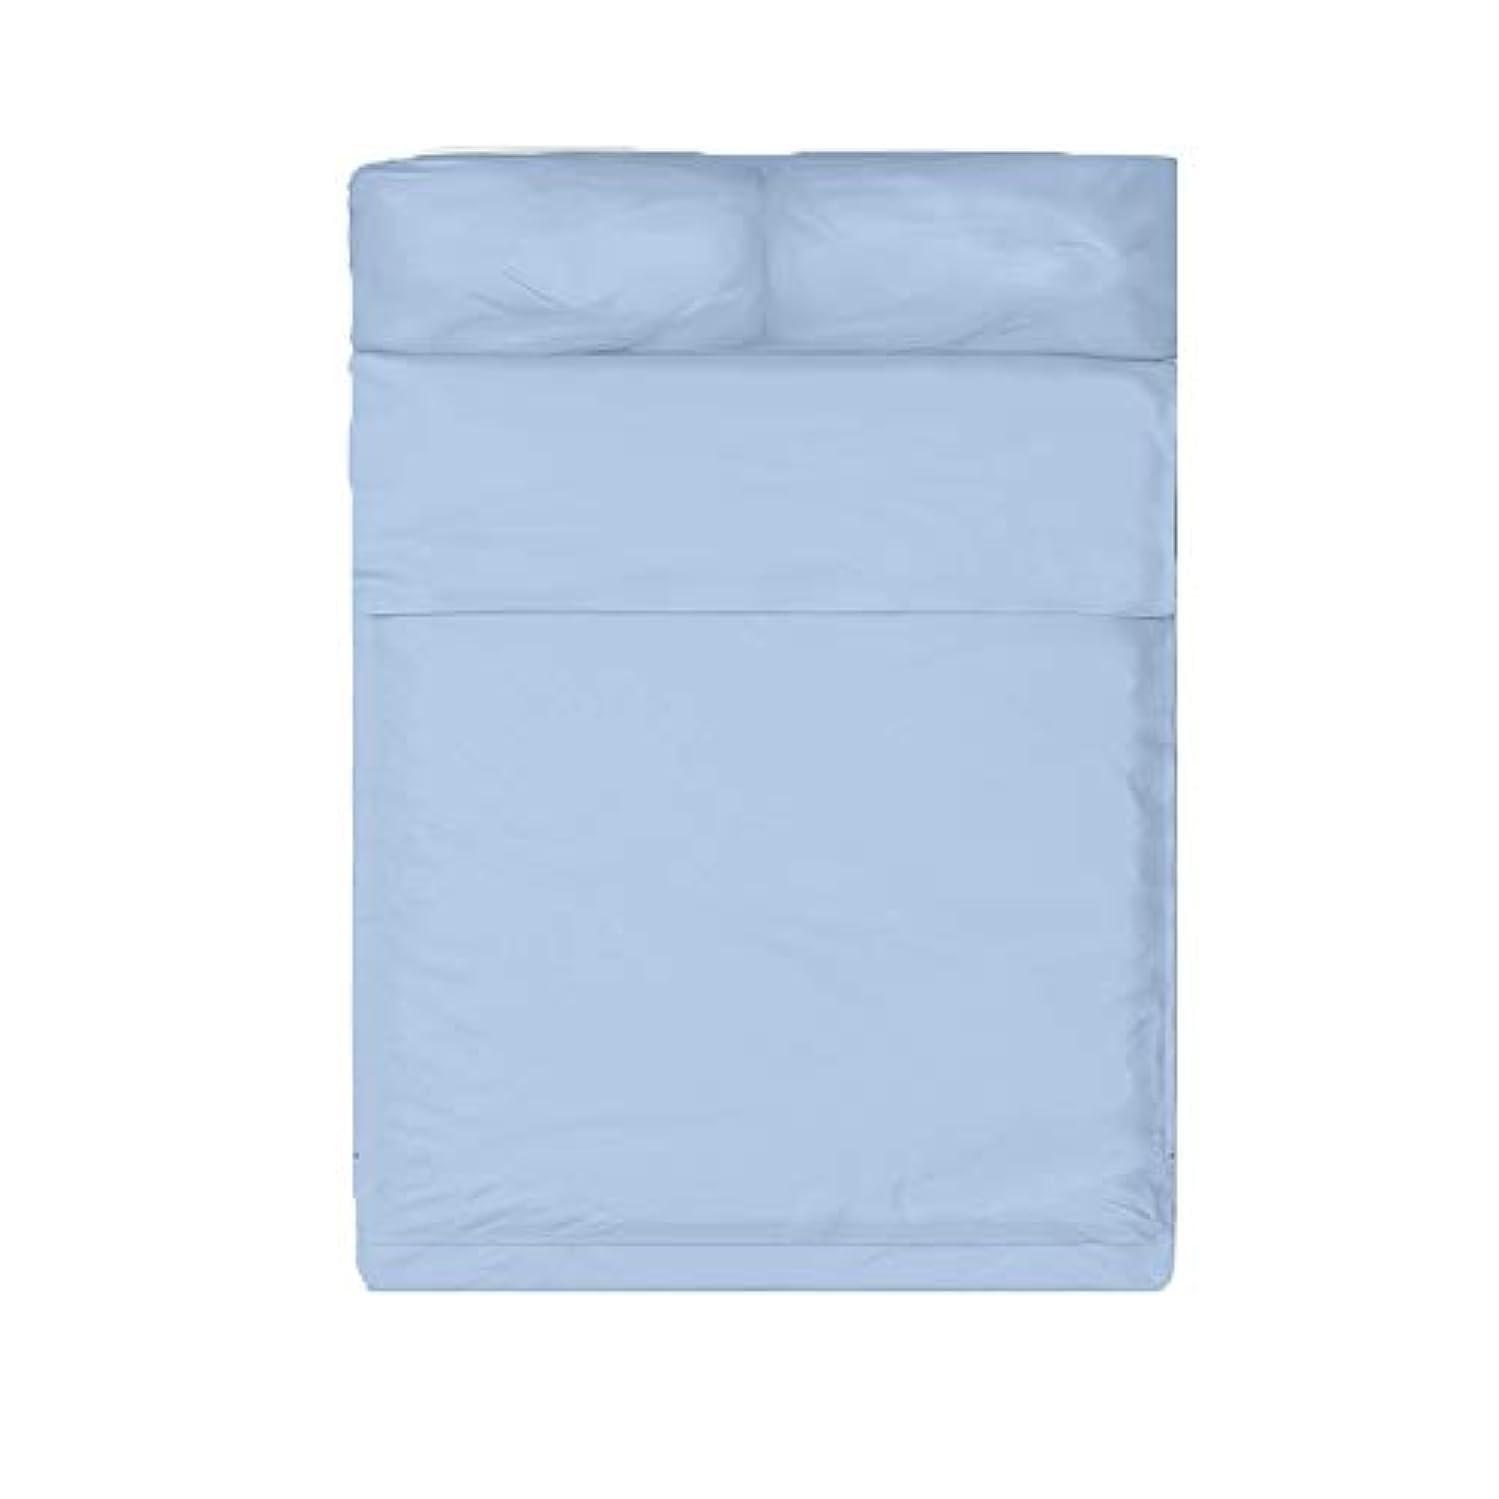 成分満たす中級アウトドアスポーツ 寝袋モーダルトラベルホテルダーティ寝袋大人ポータブルトラベルホテルベッドシーツ覆われてデュアル非純粋な綿 (Color : E, Size : 160x220cm)